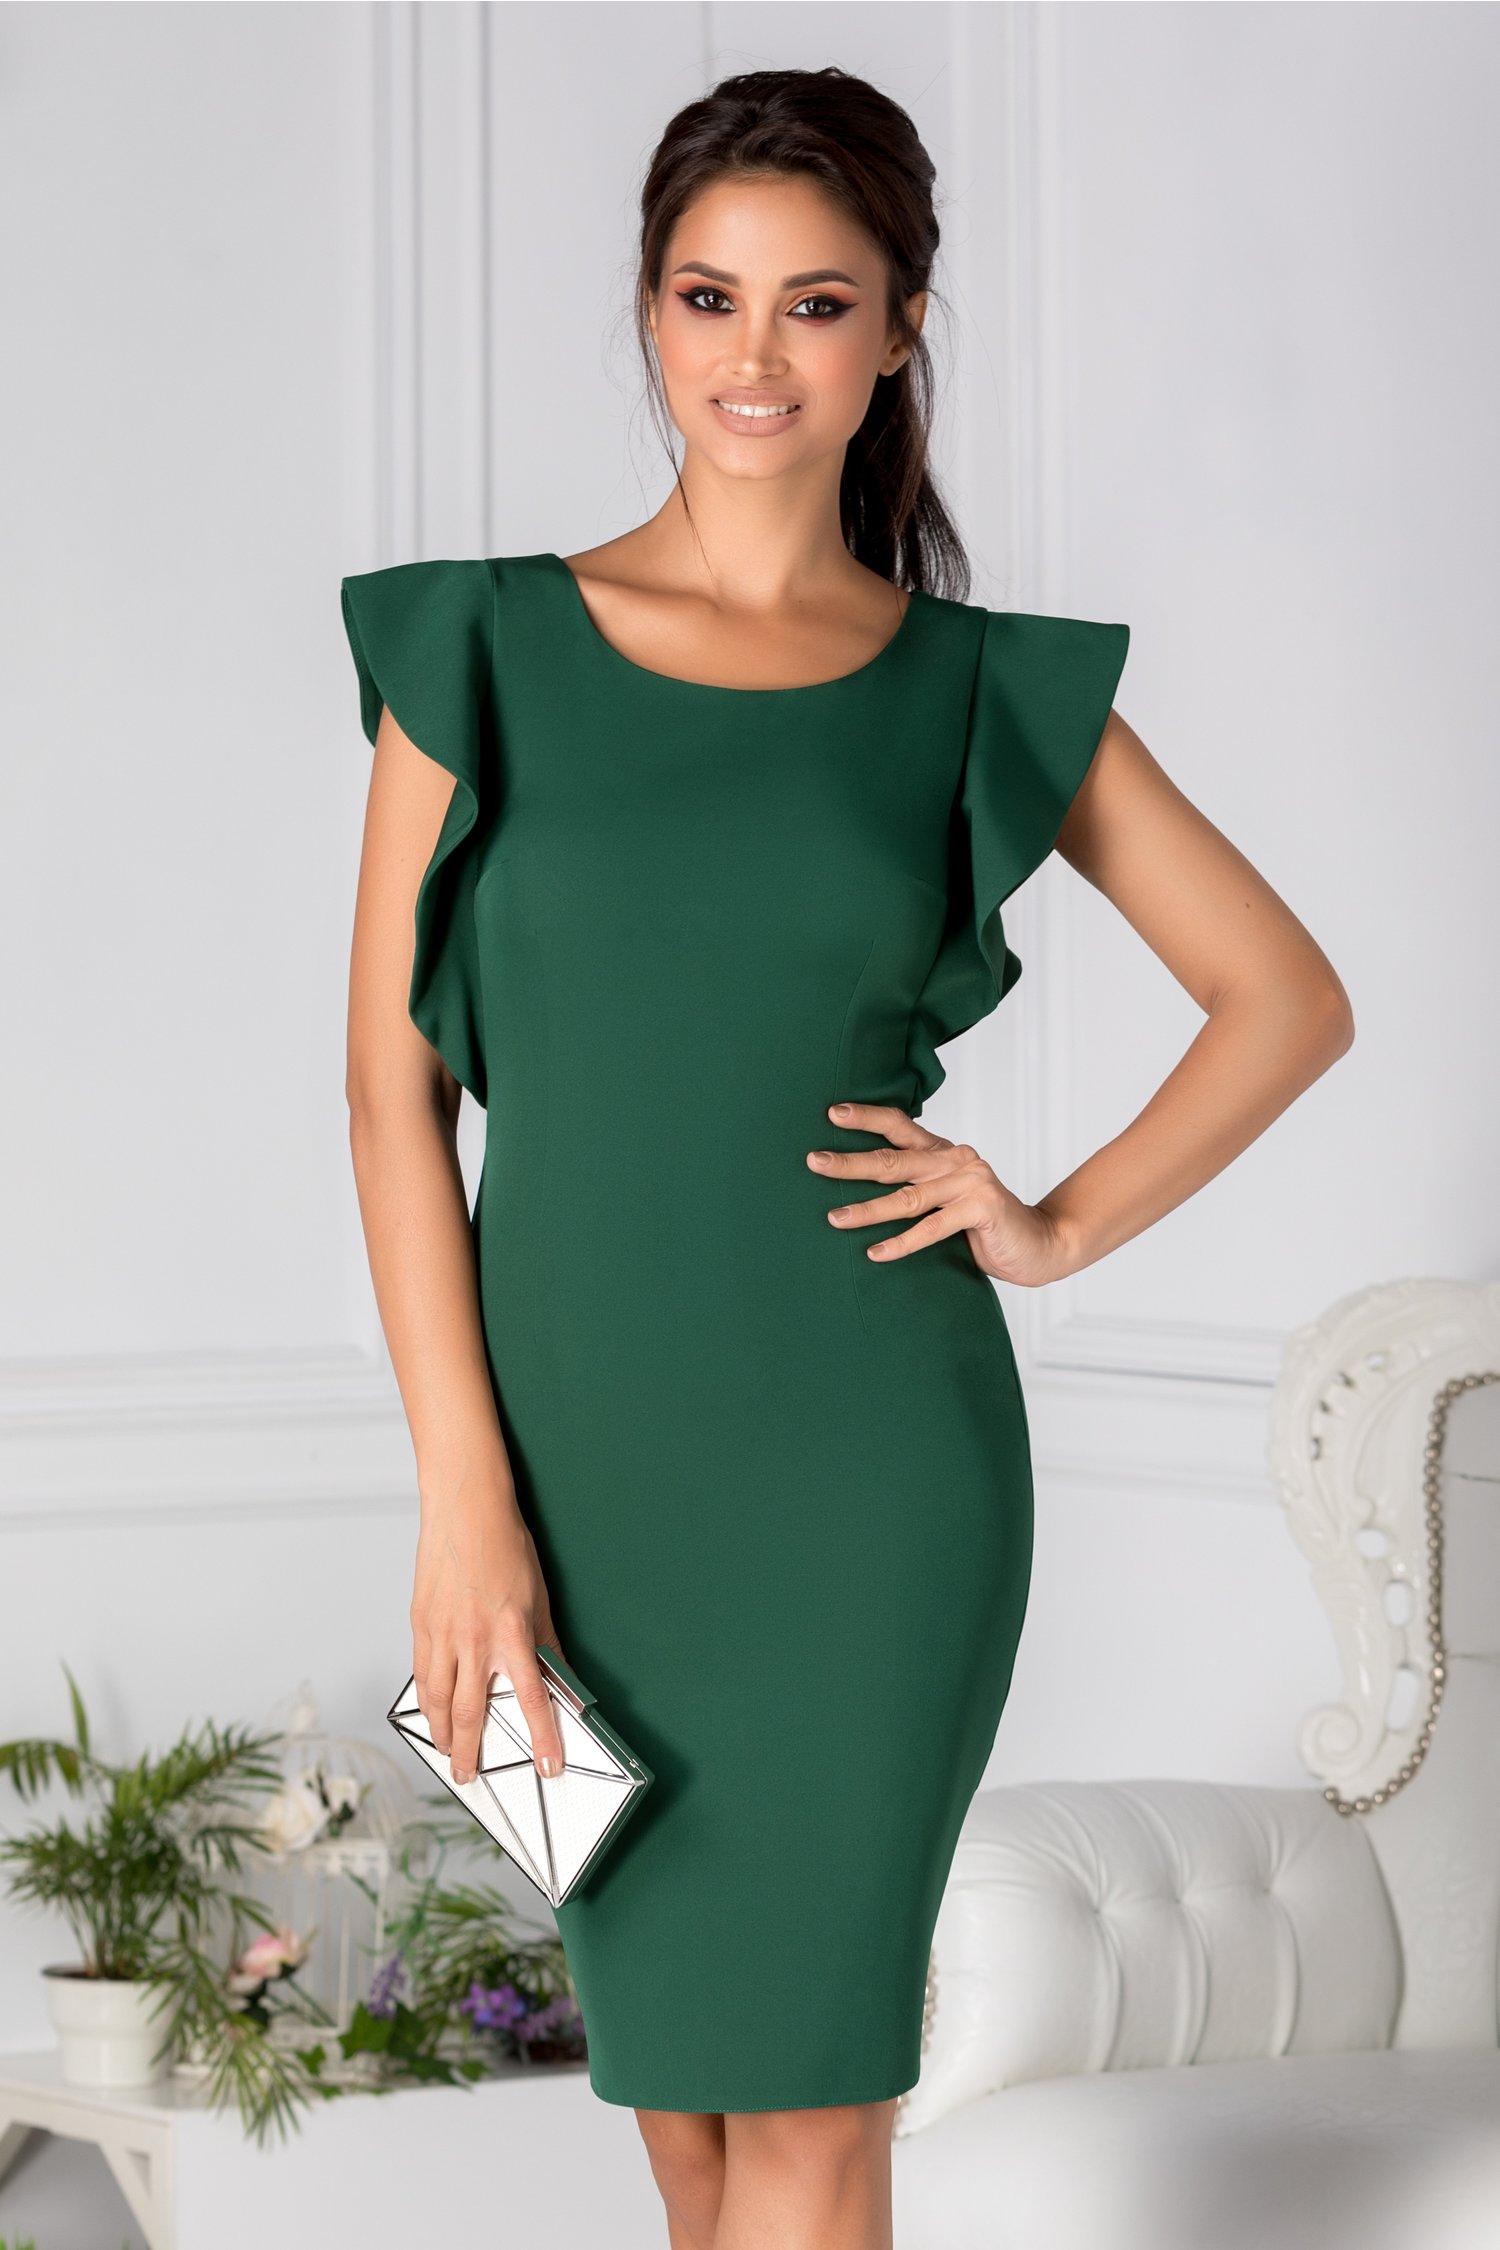 Rochie Mella conica verde cu volanase la maneci